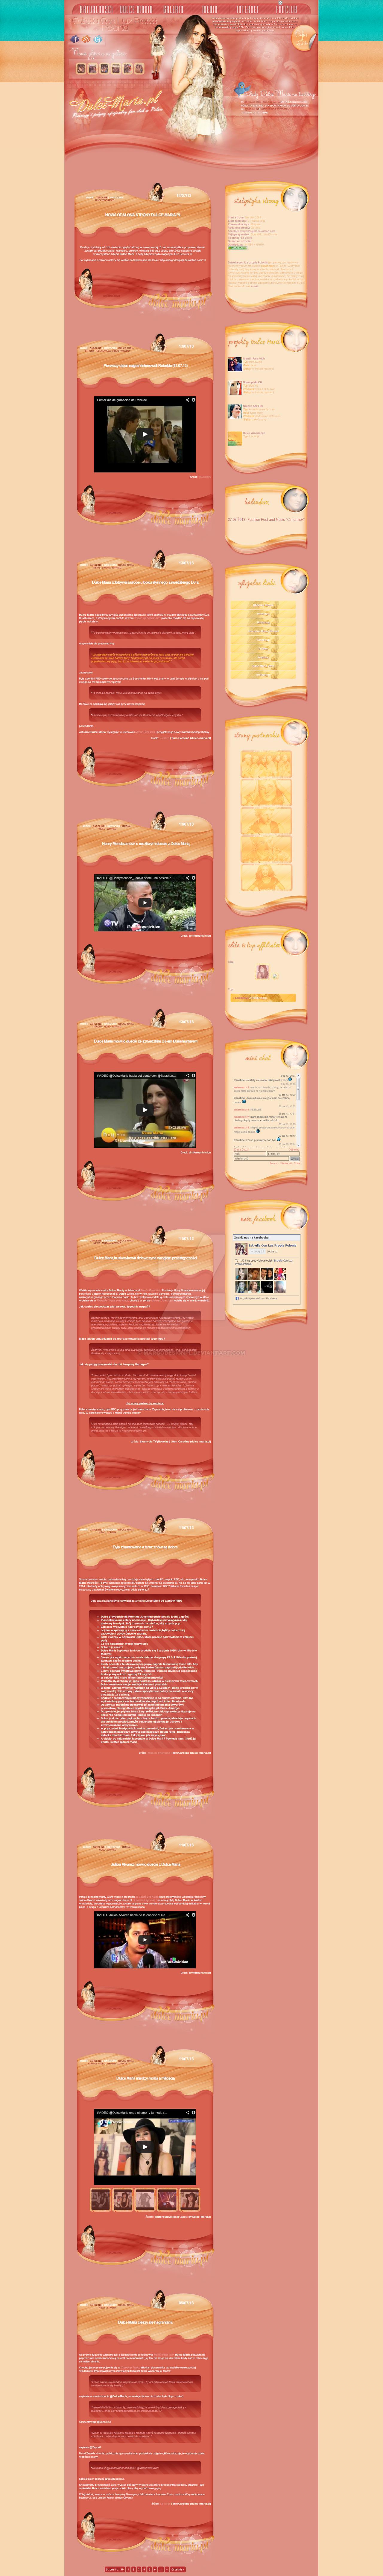 Dulce Maria Wordpress Themes